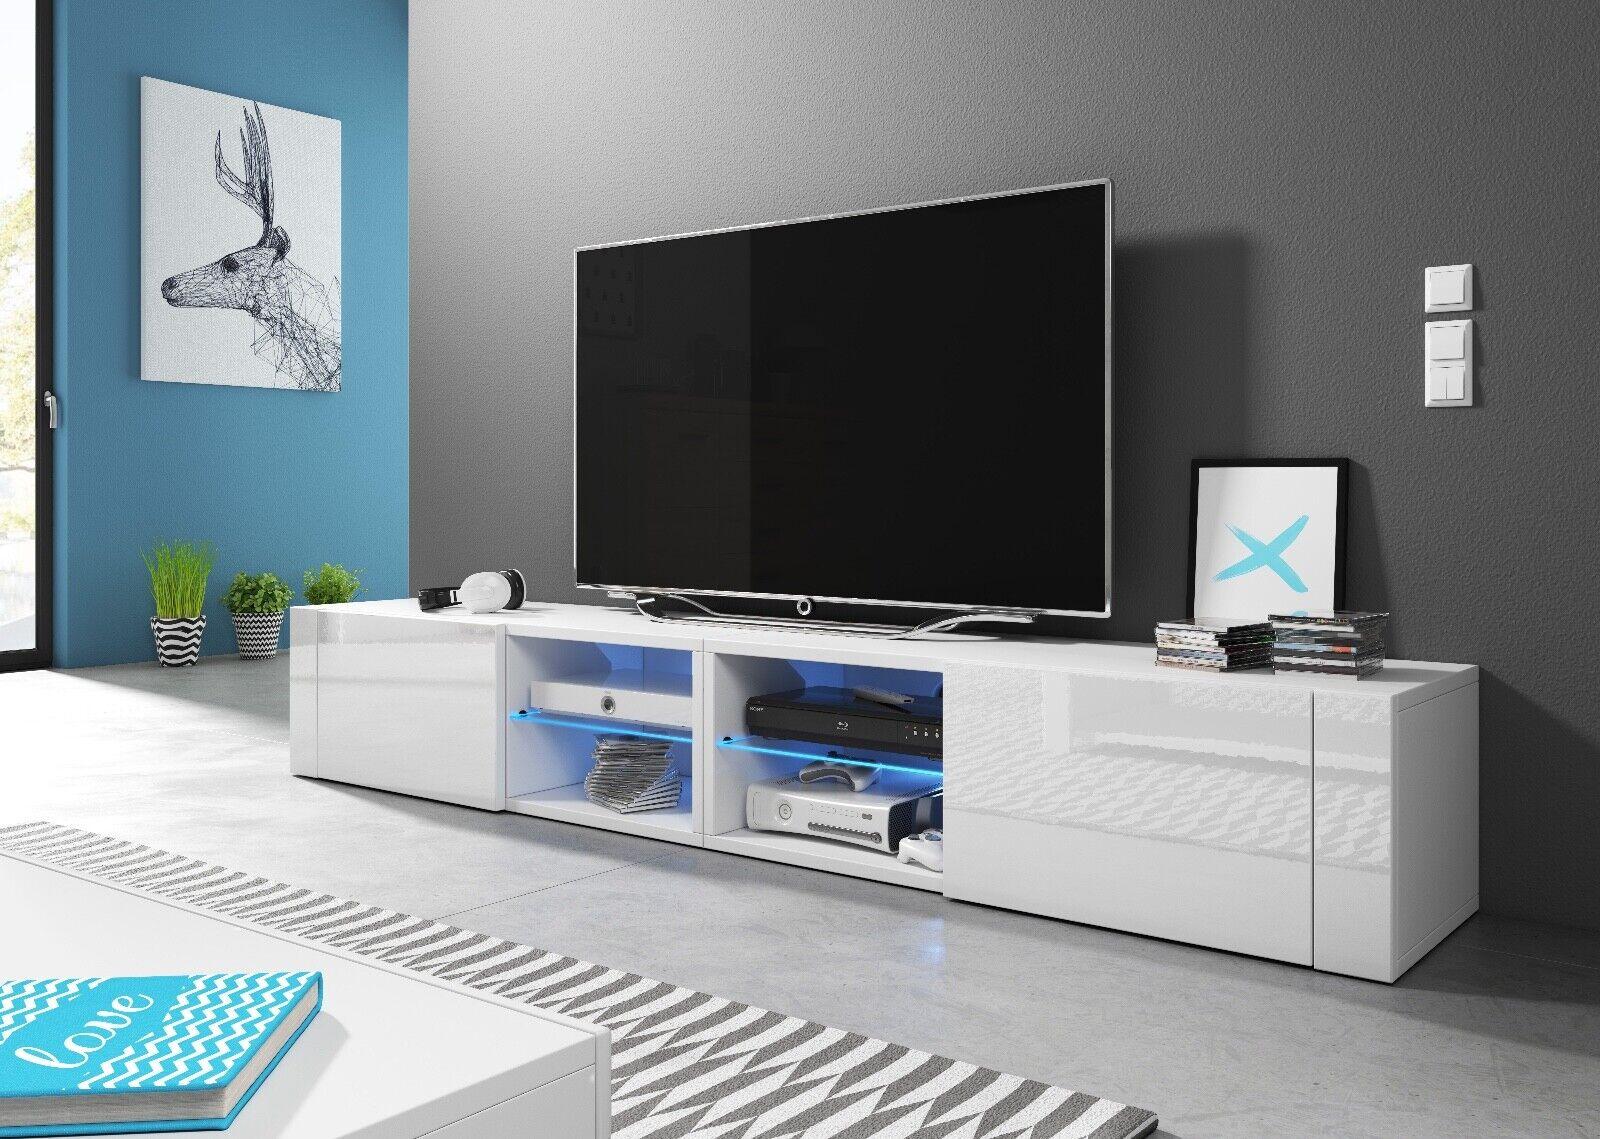 Sideboard Lowboard TV Fernsehschrank HIT2 double 200 Kommode inkl LED Highboard